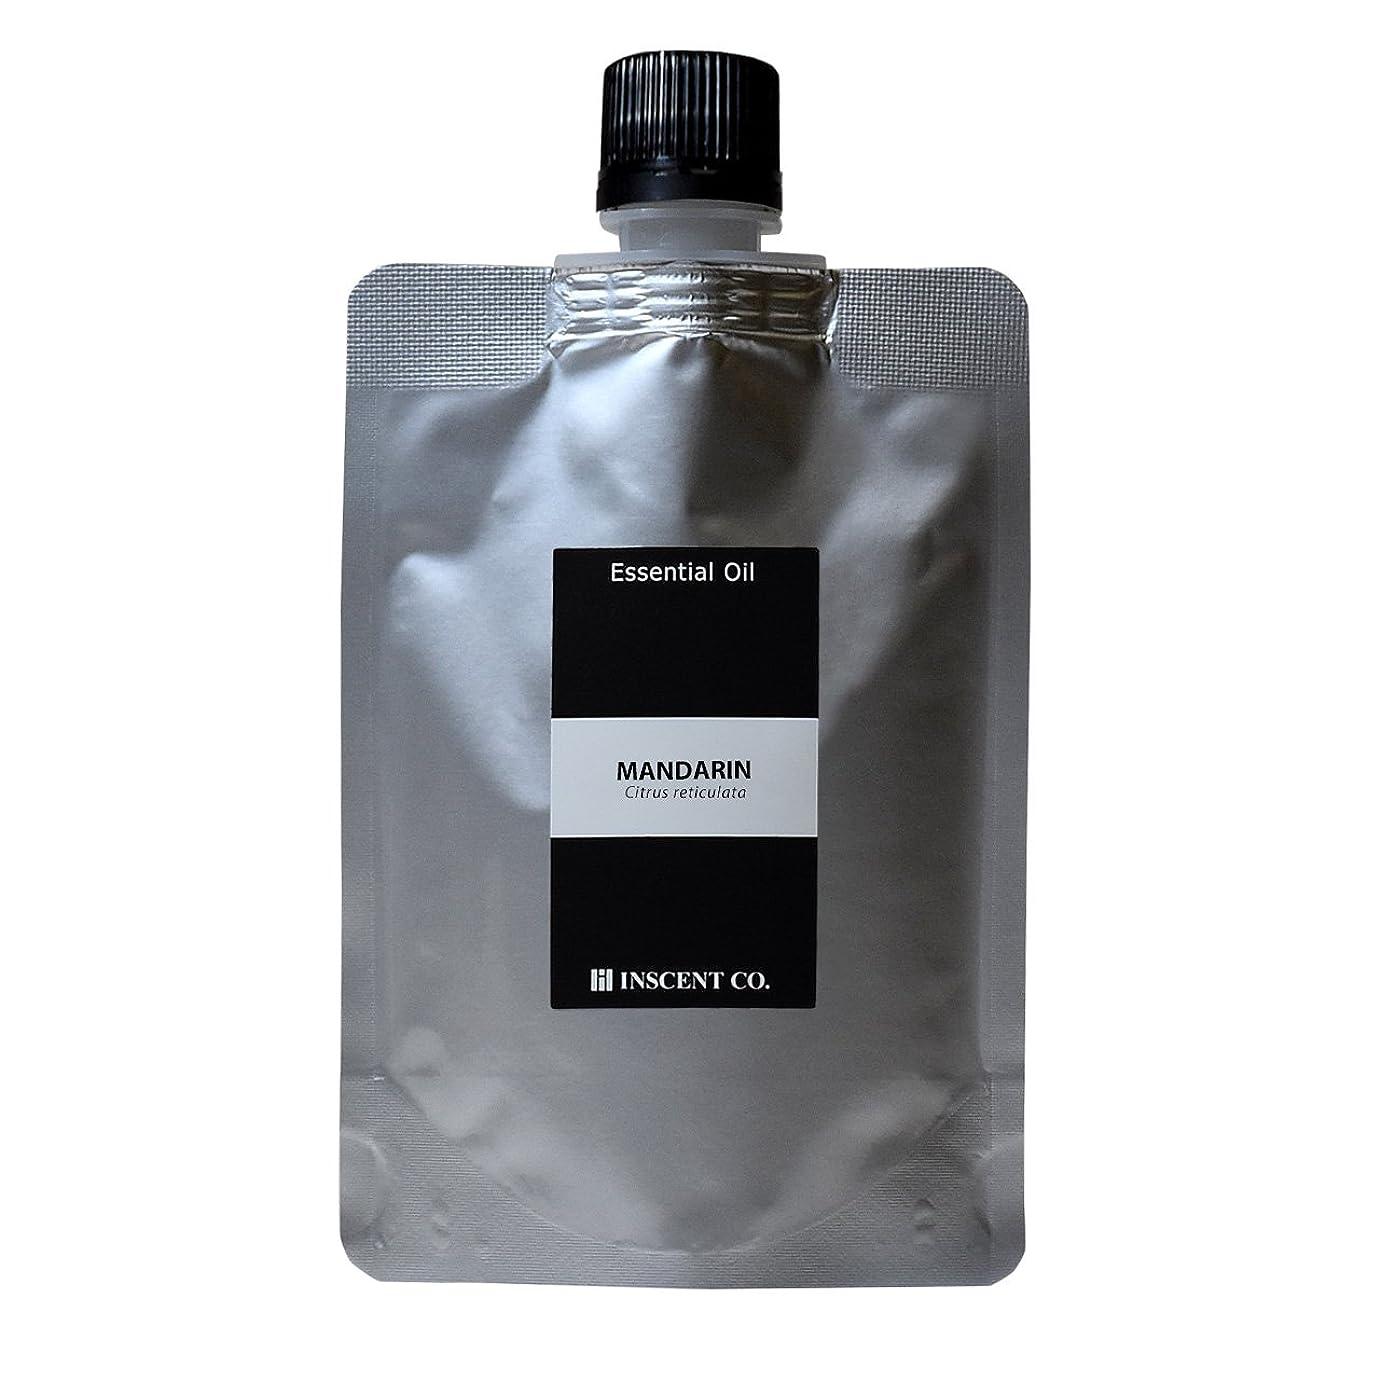 健康的ブルジョン間隔(詰替用 アルミパック) マンダリン 50ml インセント アロマオイル AEAJ 表示基準適合認定精油